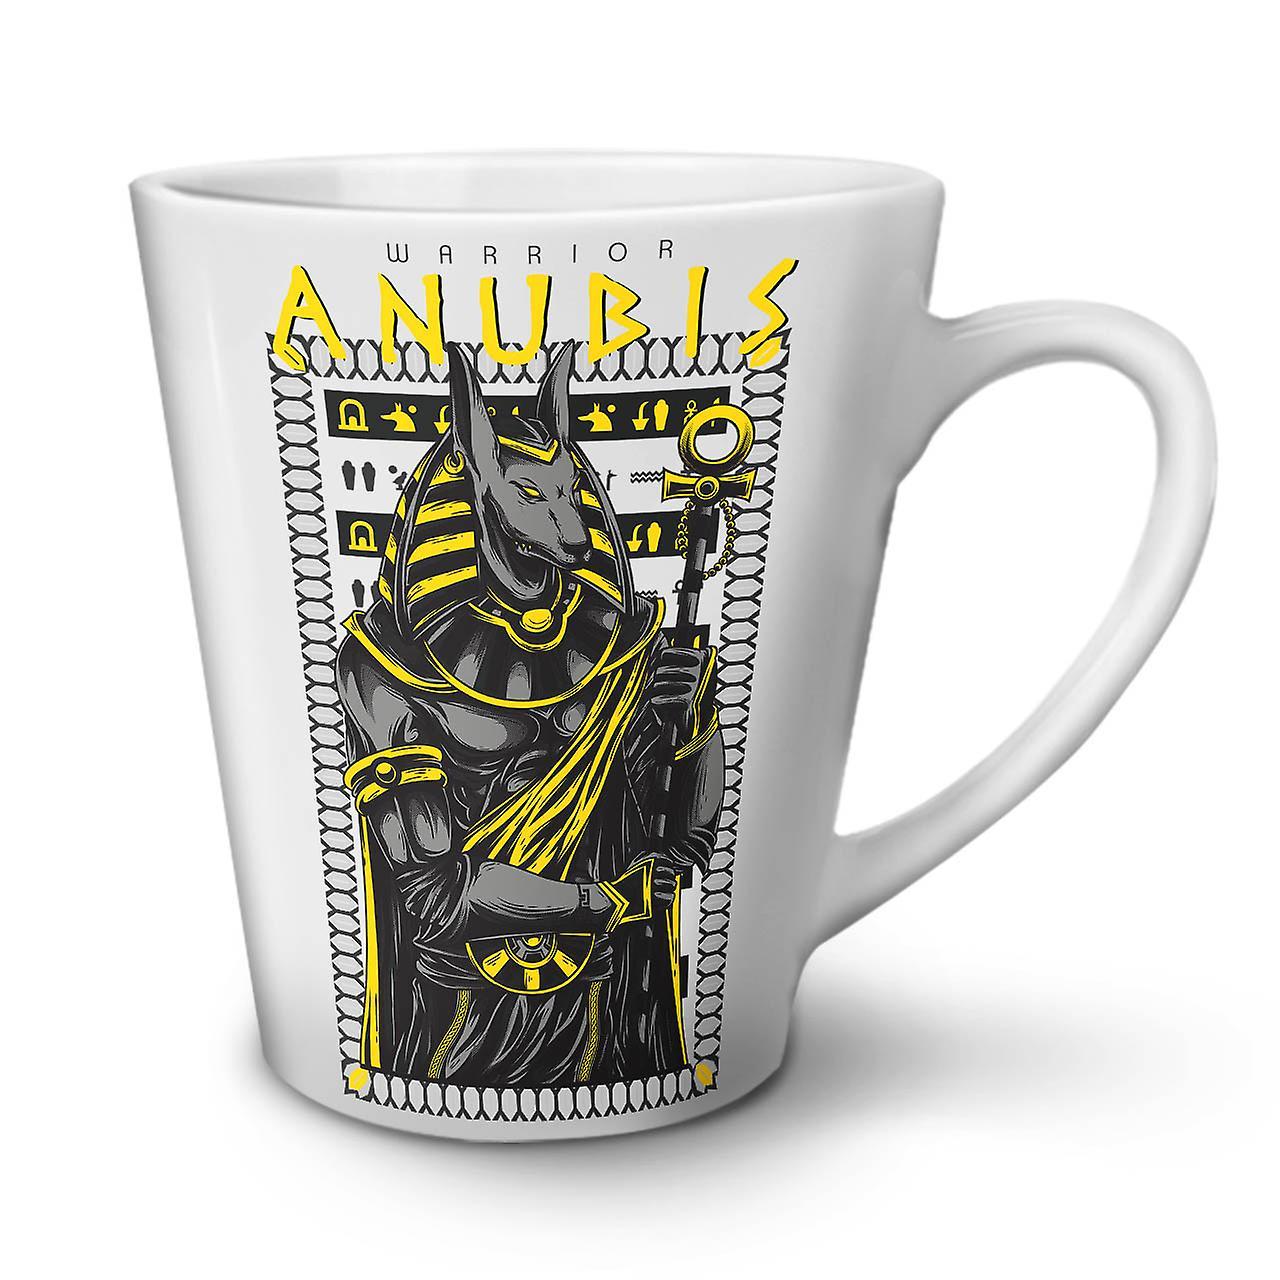 Céramique Ancien Nouvelle OzWellcoda Mode Très Tasse Blanche Anubis Dieu 12 Café En Latte zUGSMpLVjq